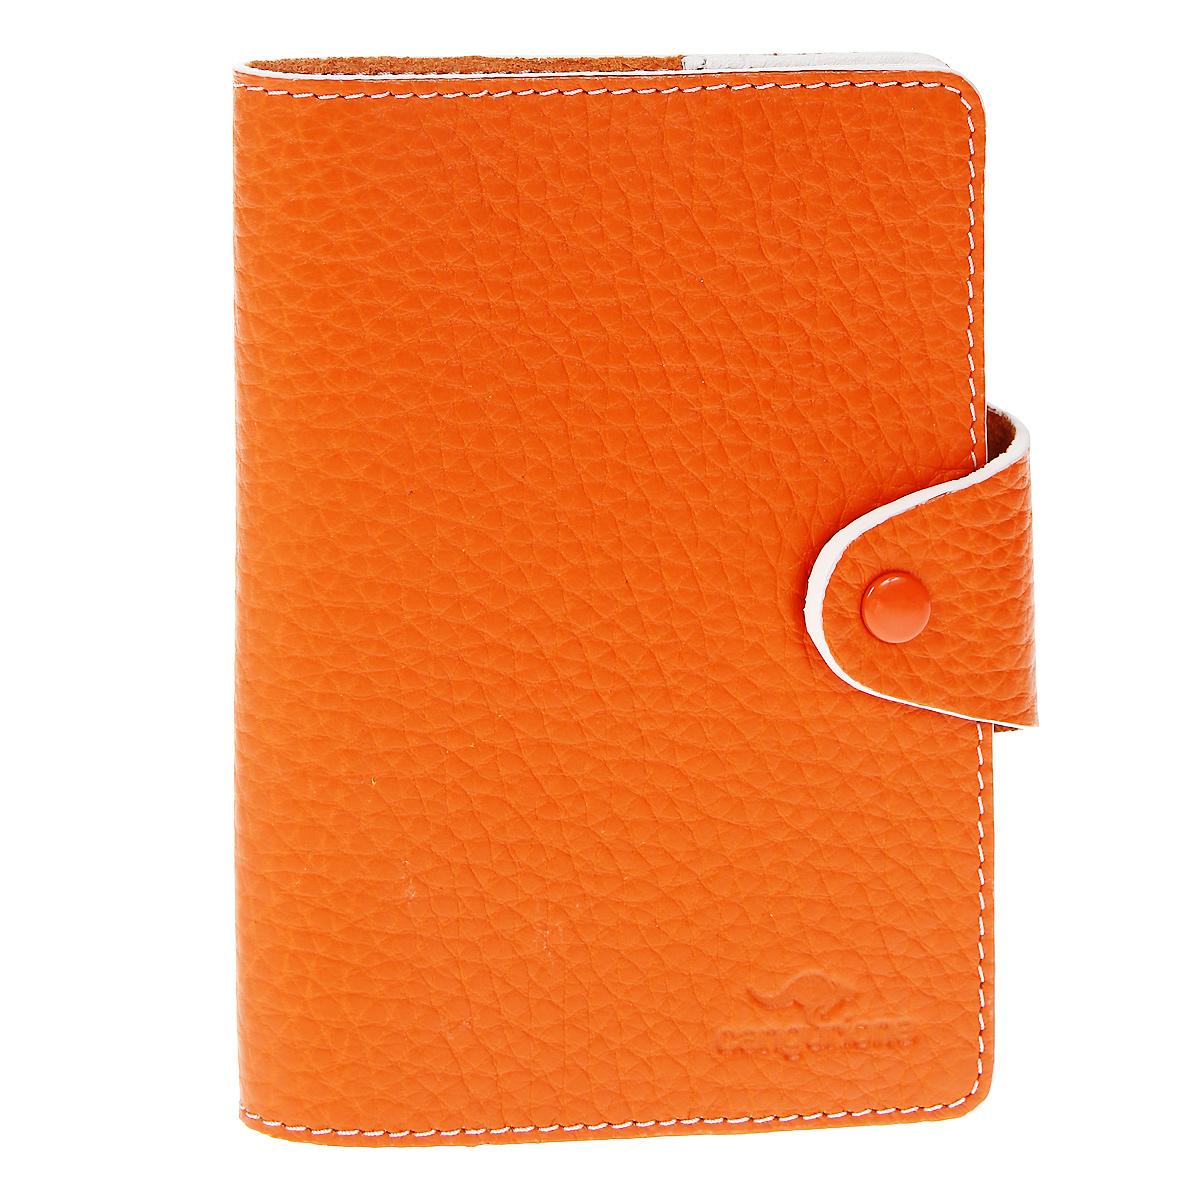 Обложка для паспорта Cangurione, цвет: оранжевый. 3342-F3342-F/Orange-BeigeЭлегантная обложка для паспорта Cangurione не только поможет сохранить внешний вид ваших документов и защитит их от повреждений, но и станет стильным аксессуаром, идеально подходящим вашему образу. Обложка выполнена из натуральной кожи и оформлена тиснением в виде логотипа Cangurione. Обложка закрывается клапаном на кнопку. Изделие упаковано в коробку из плотного картона с логотипом фирмы. Характеристики:Материал: натуральная кожа. Размер в сложенном виде: 9,5 см х 13,5 см х 2 см. Размер упаковки: 11,5 см х 15,5 см х 2,5 см. Артикул:3342-F/Orange-Beige.